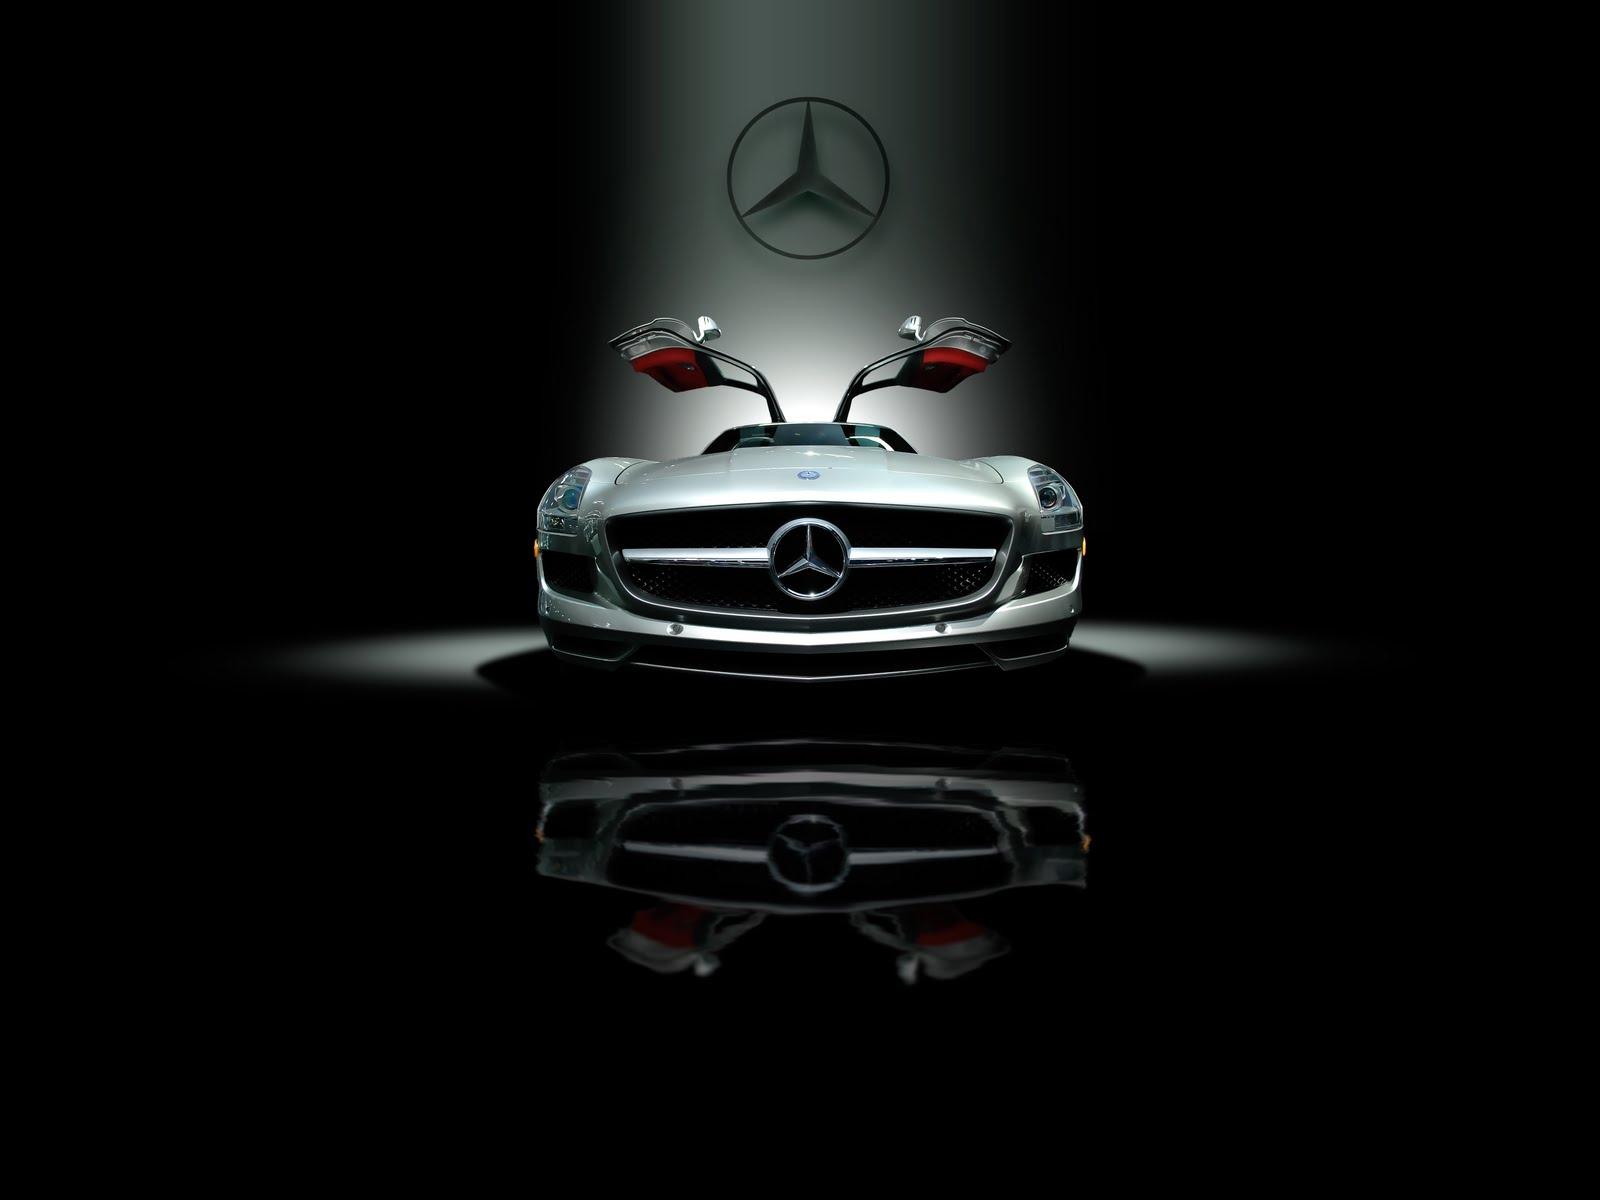 http://4.bp.blogspot.com/-mr6wEwzRtMQ/ThtjuSqhWWI/AAAAAAAAAJI/E4qsWpzdG6k/s1600/Mercedes_SLS_AMG_I_by_theCrow65.jpg